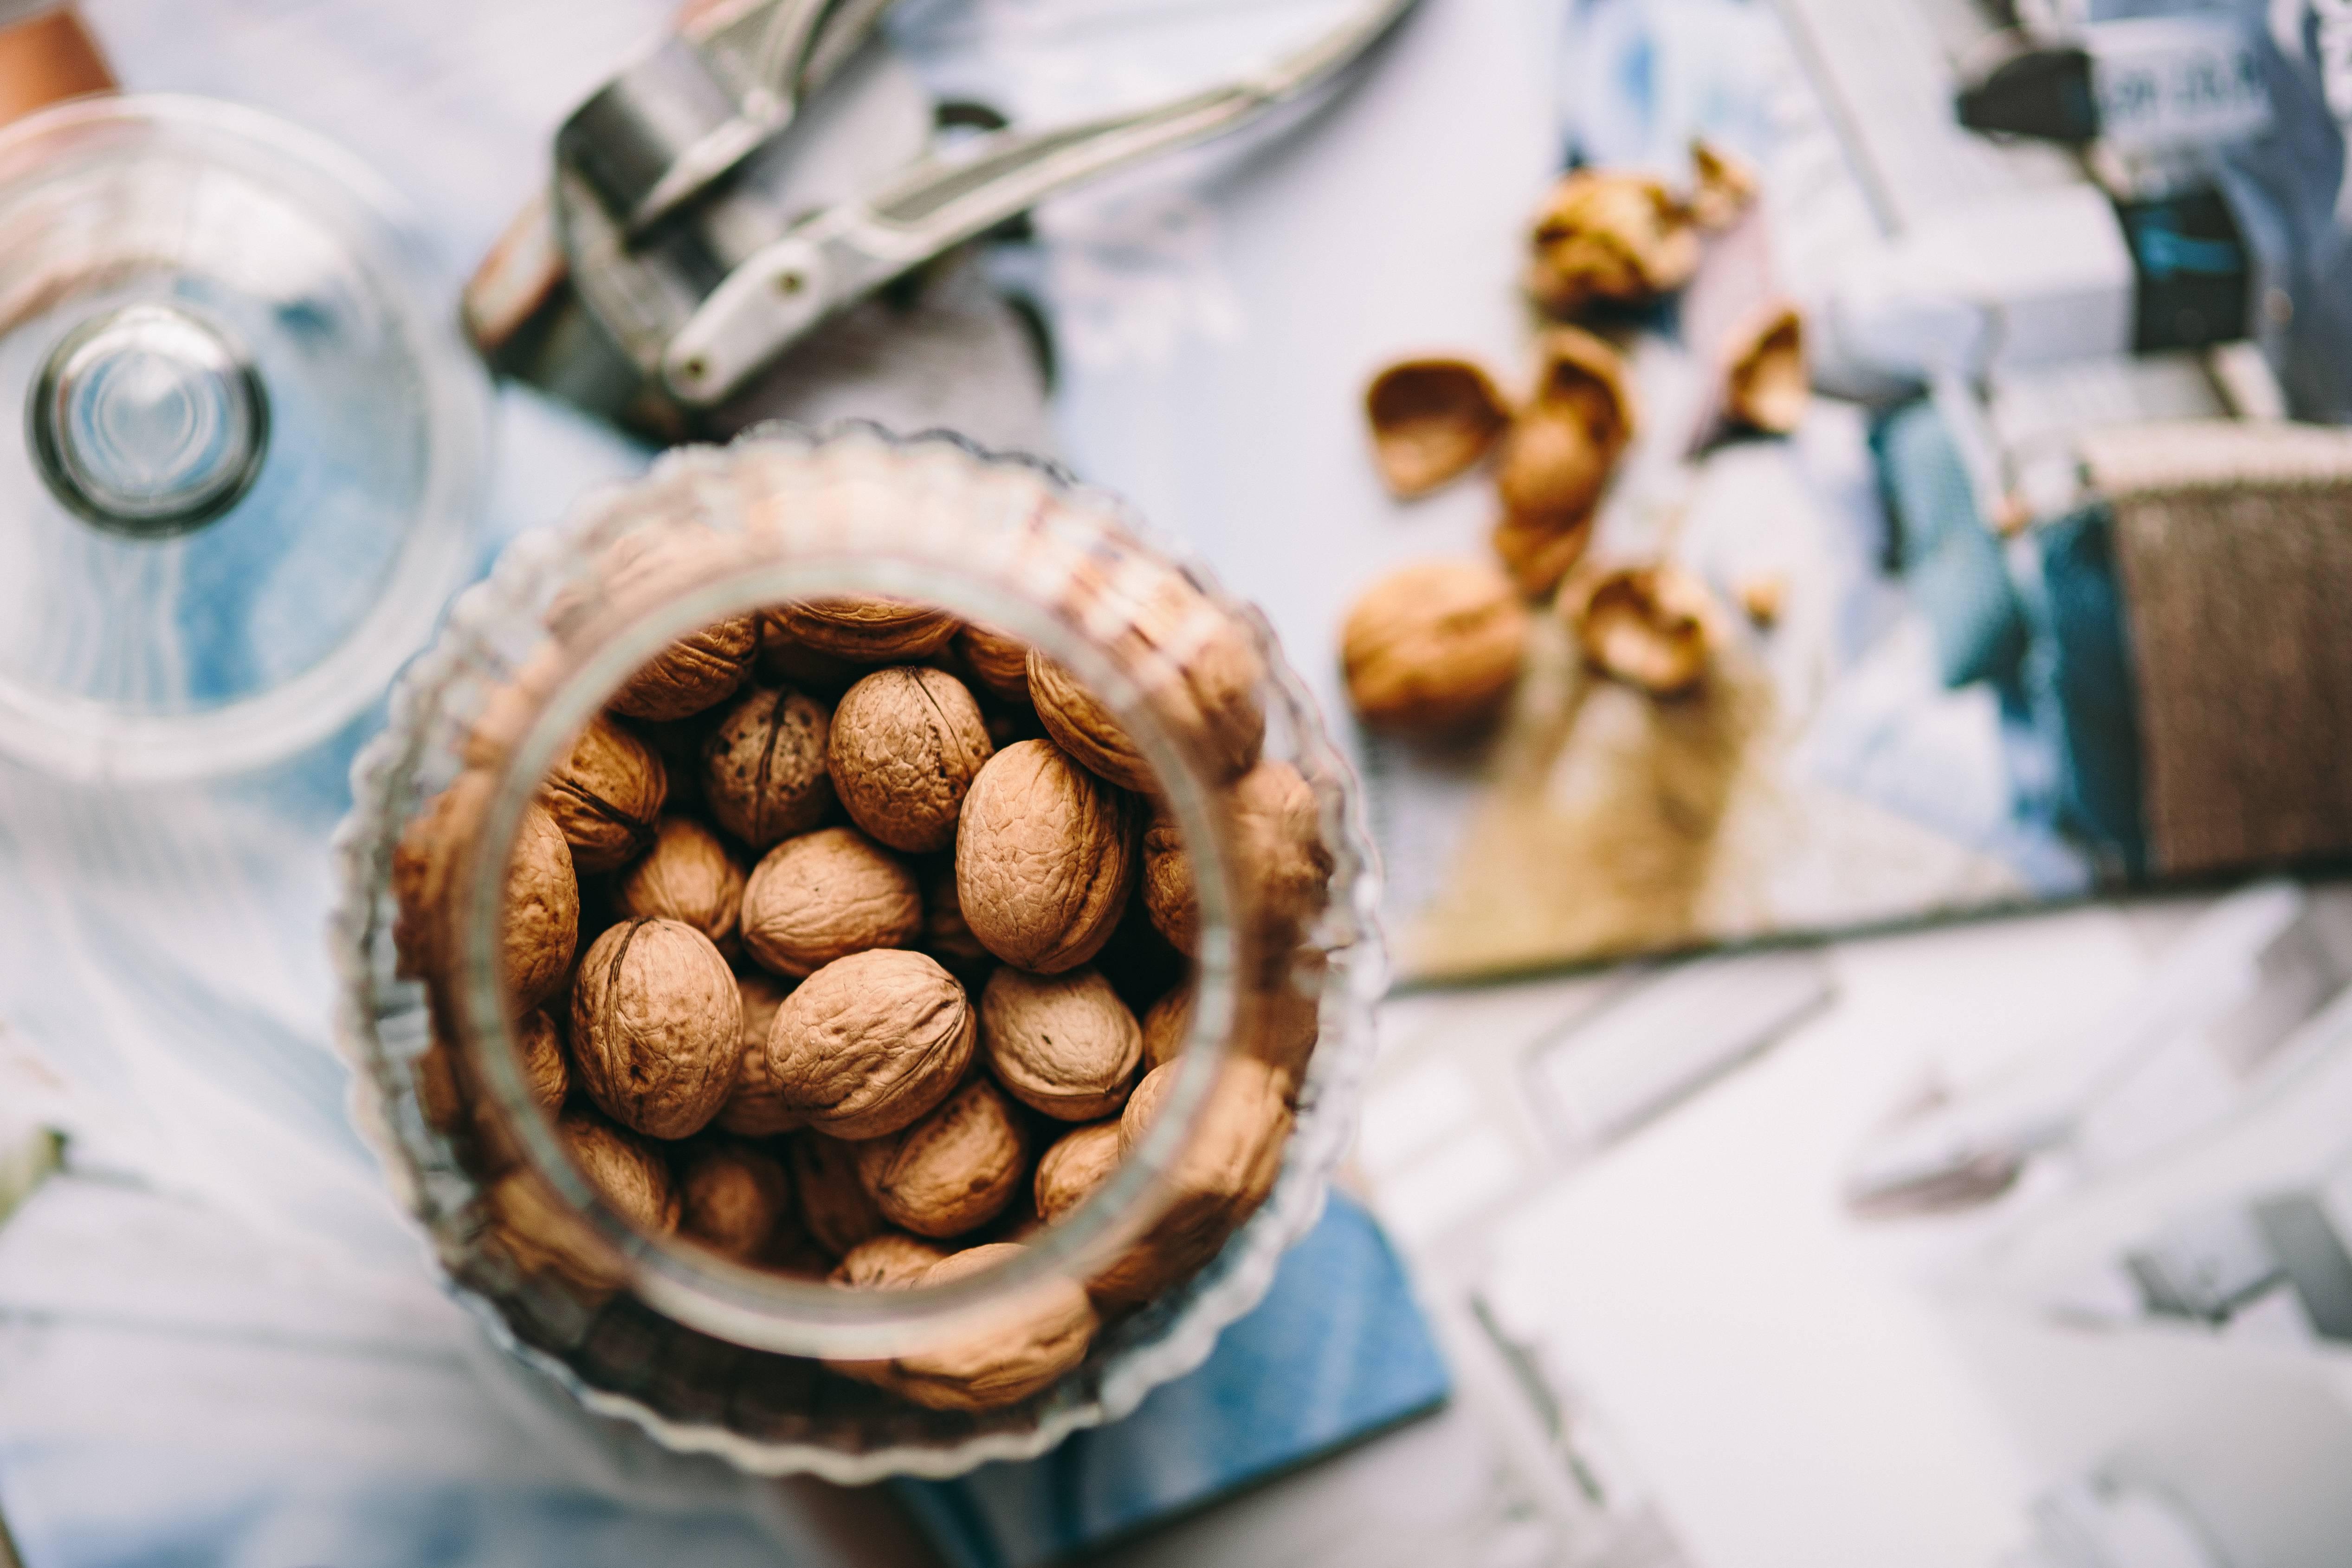 Glass jar full of walnuts and a nutcracker